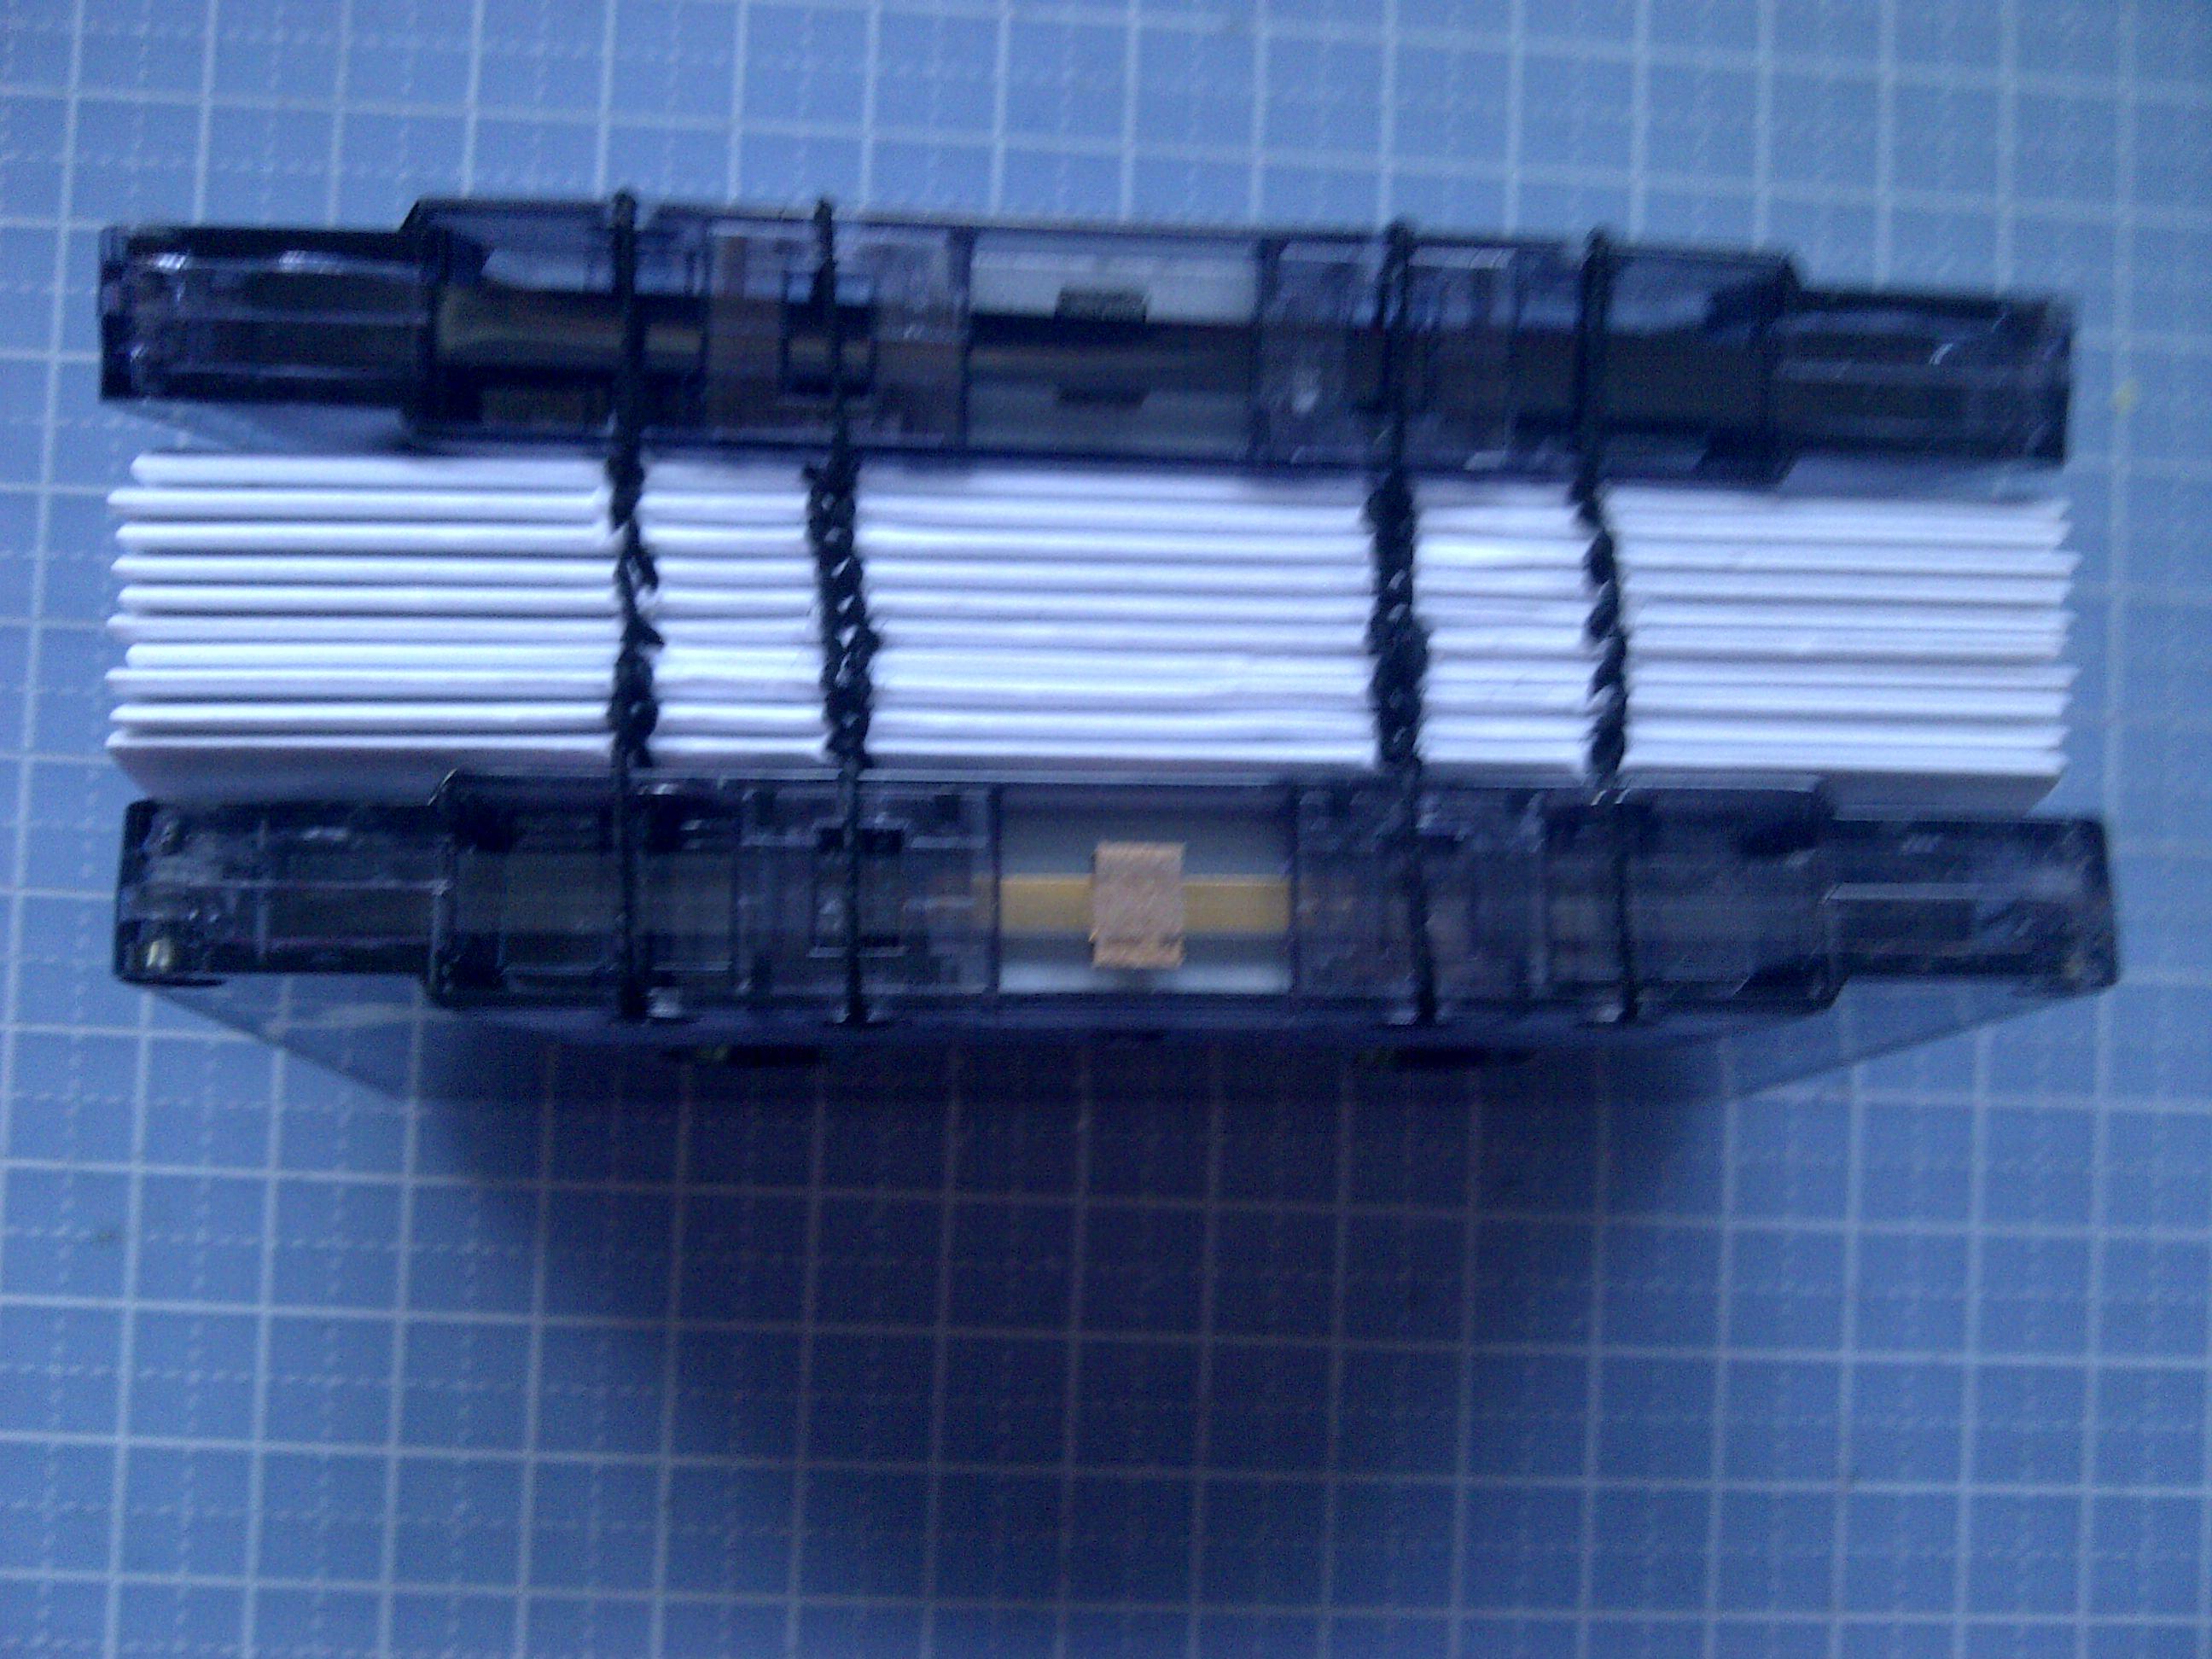 coptic-bound-cassette-3